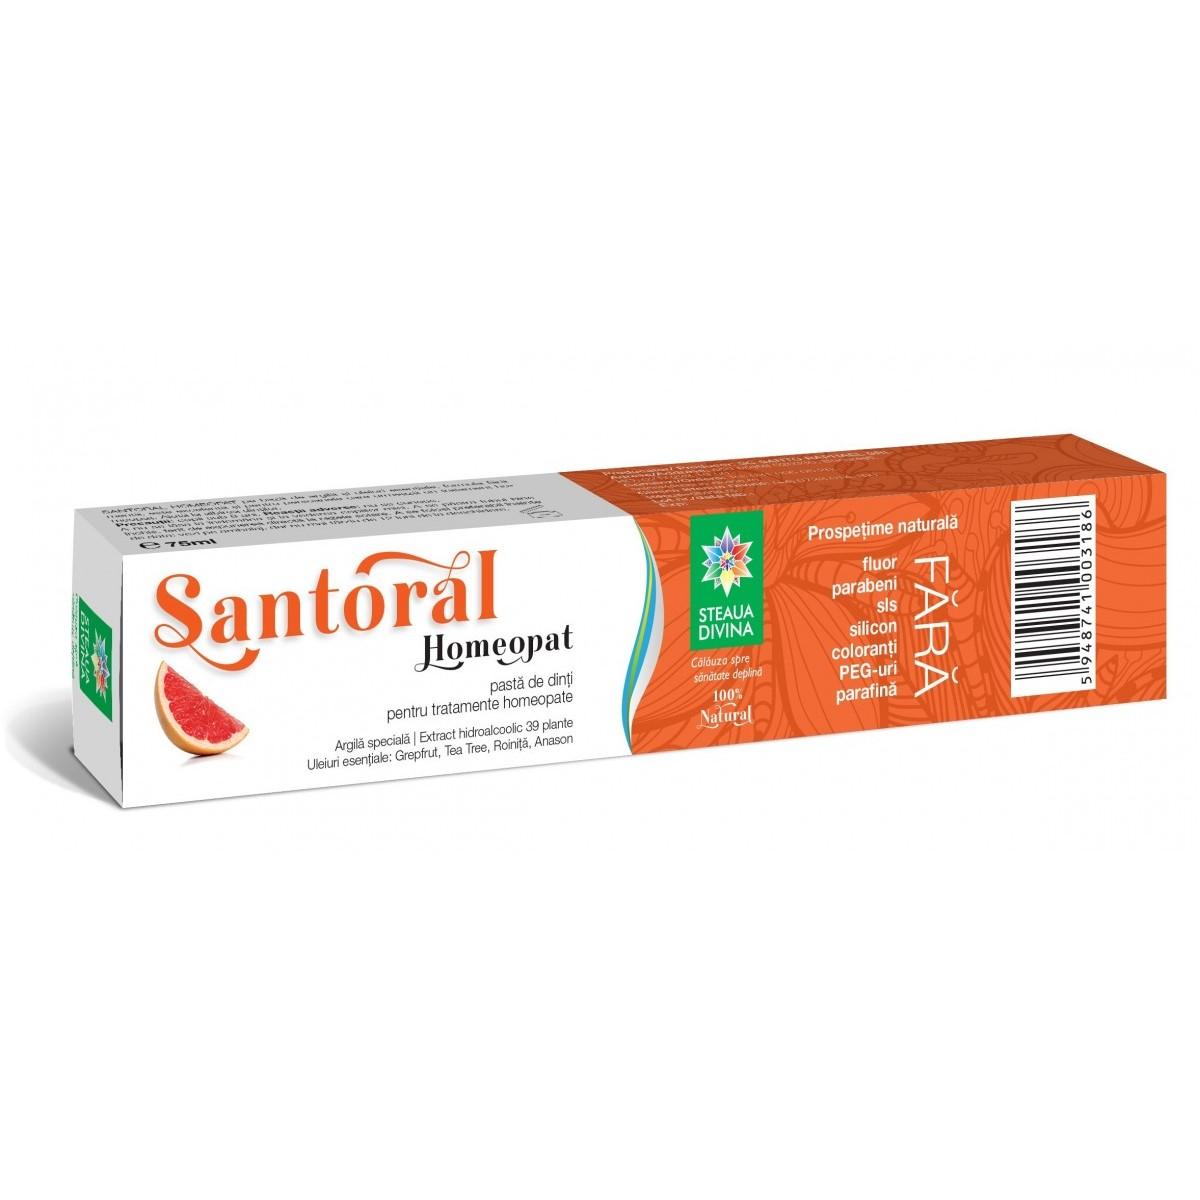 antiinflamatoare homeopate pentru articulații 33 de ani dureri articulare la genunchi